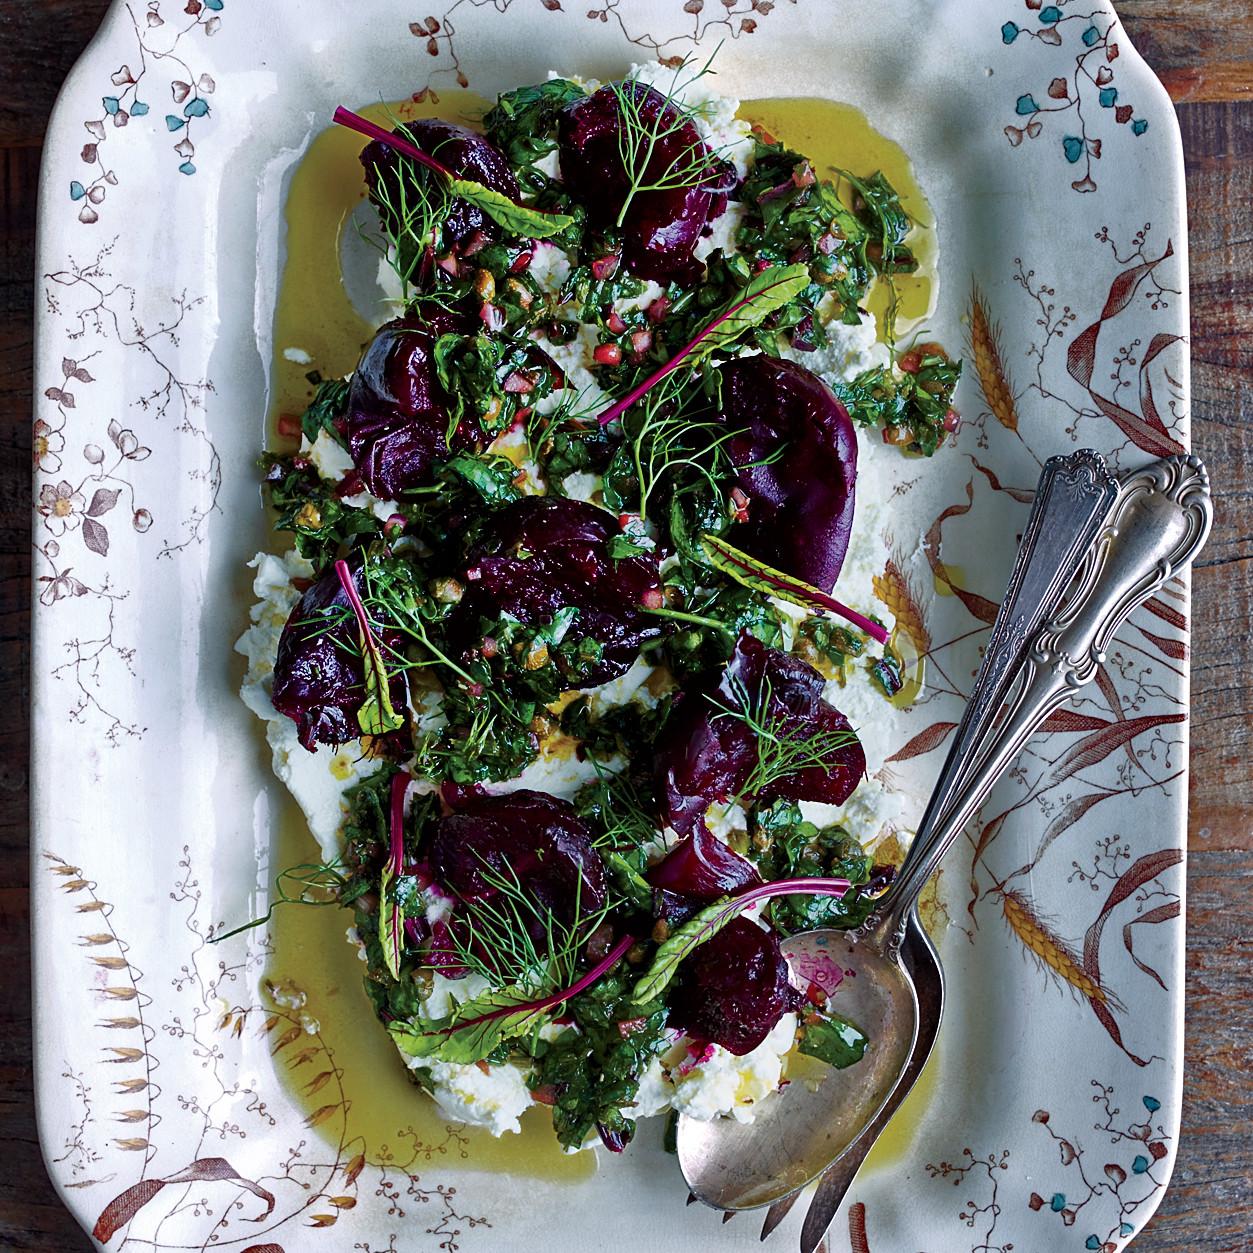 Vegetable Side Dishes For Christmas Dinner  2 Christmas Dinner Side Dishes